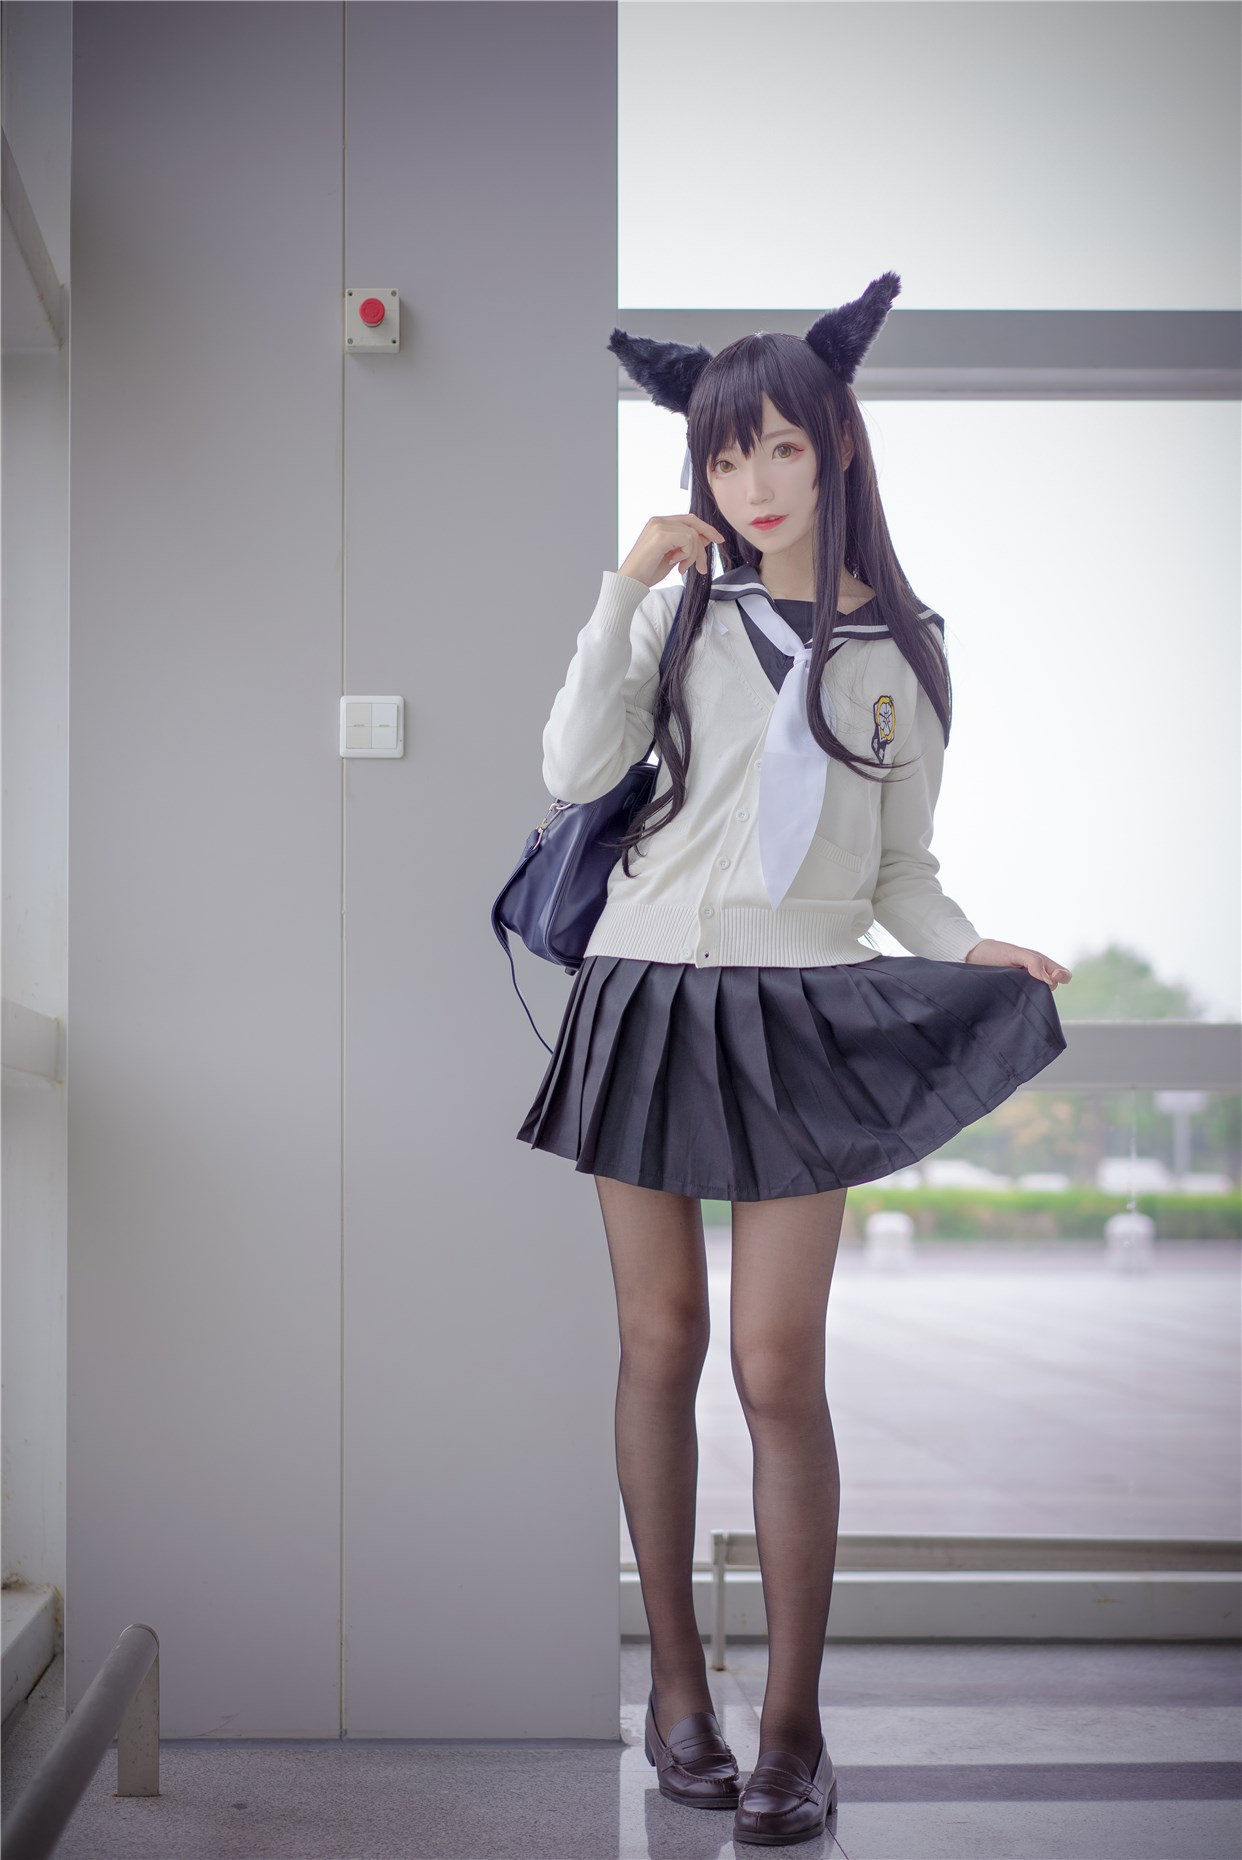 【兔玩映画】大长腿姐姐的cos 兔玩映画 第5张